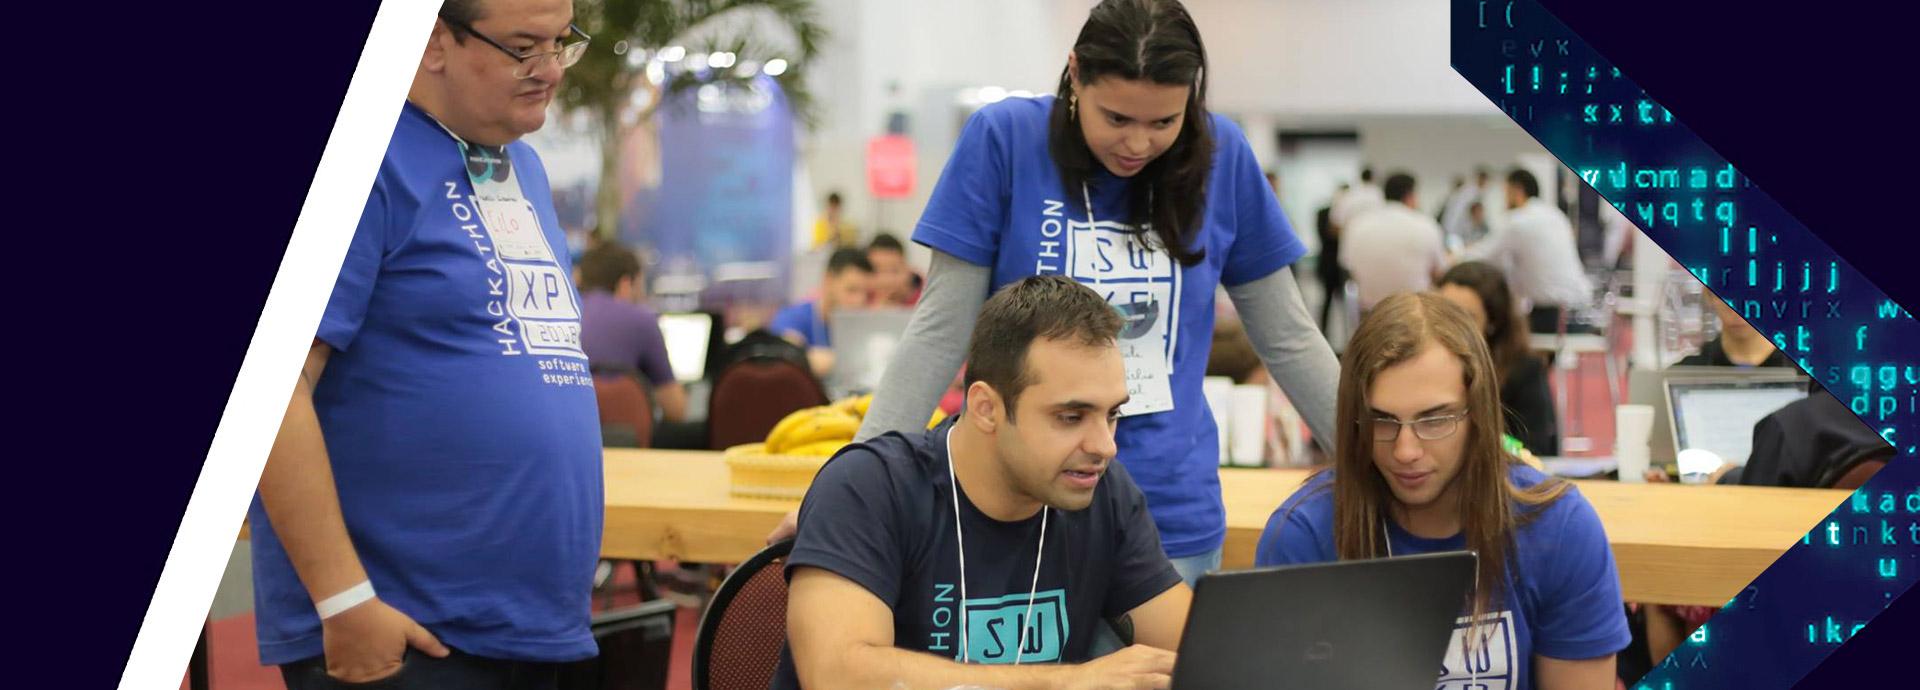 Hackathon, palestras e uma área demo